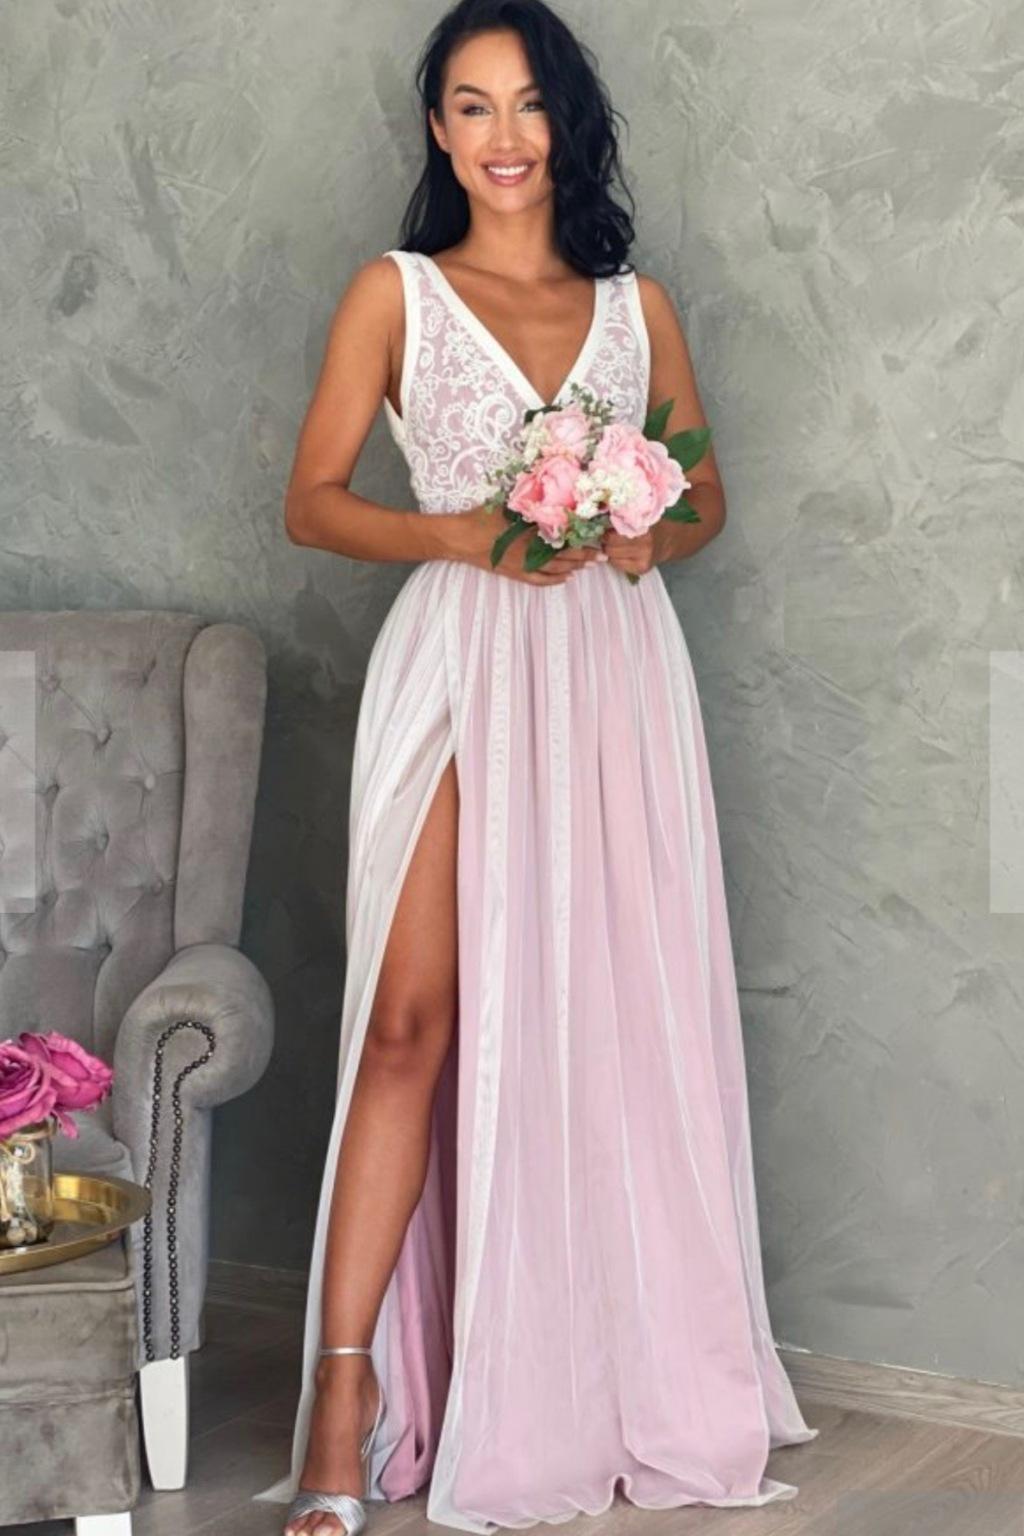 Bielo-ružové spoločenské šaty s krajkou Veľkosť: M